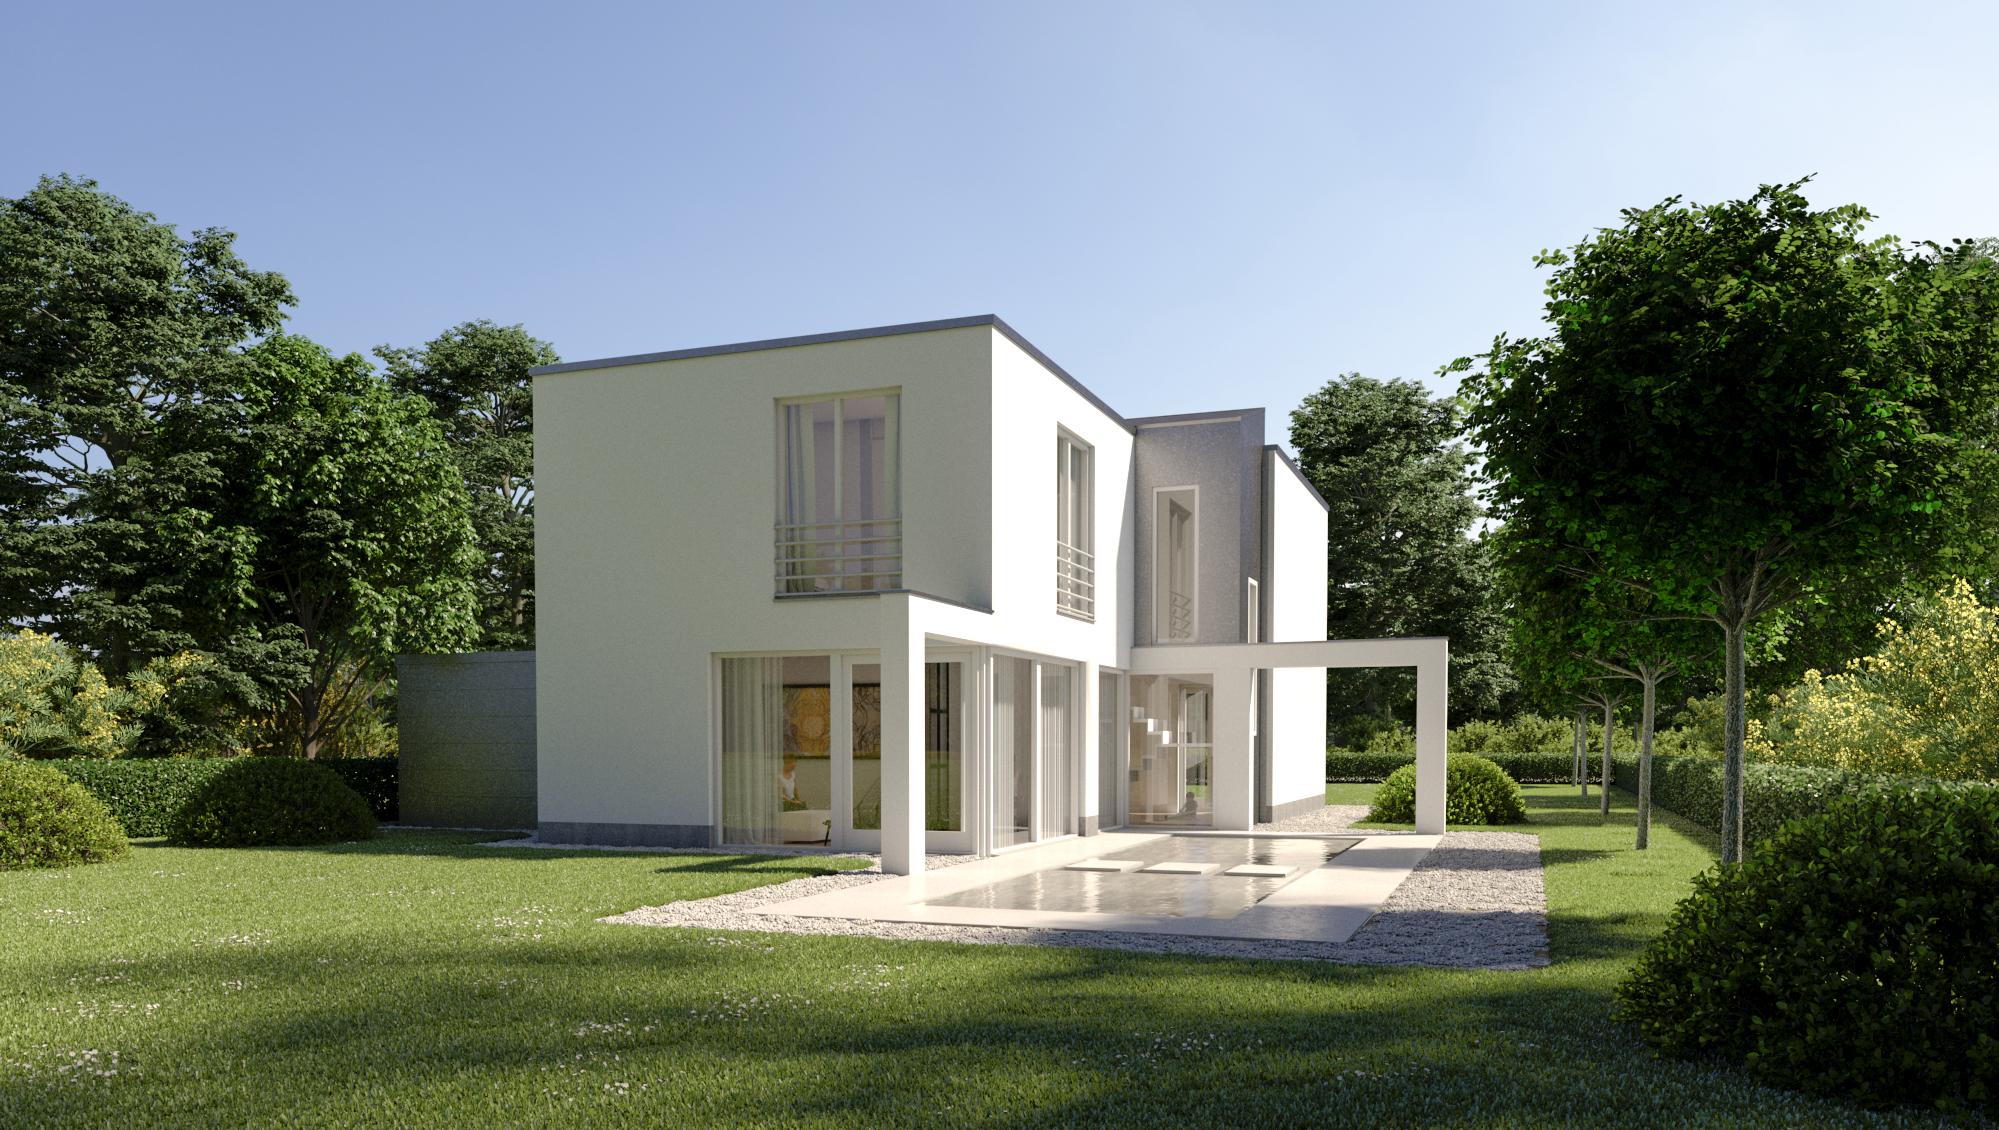 Prefab Woning Prijzen : Goldewijk woonplezier in villabouw en cataloguswoningen